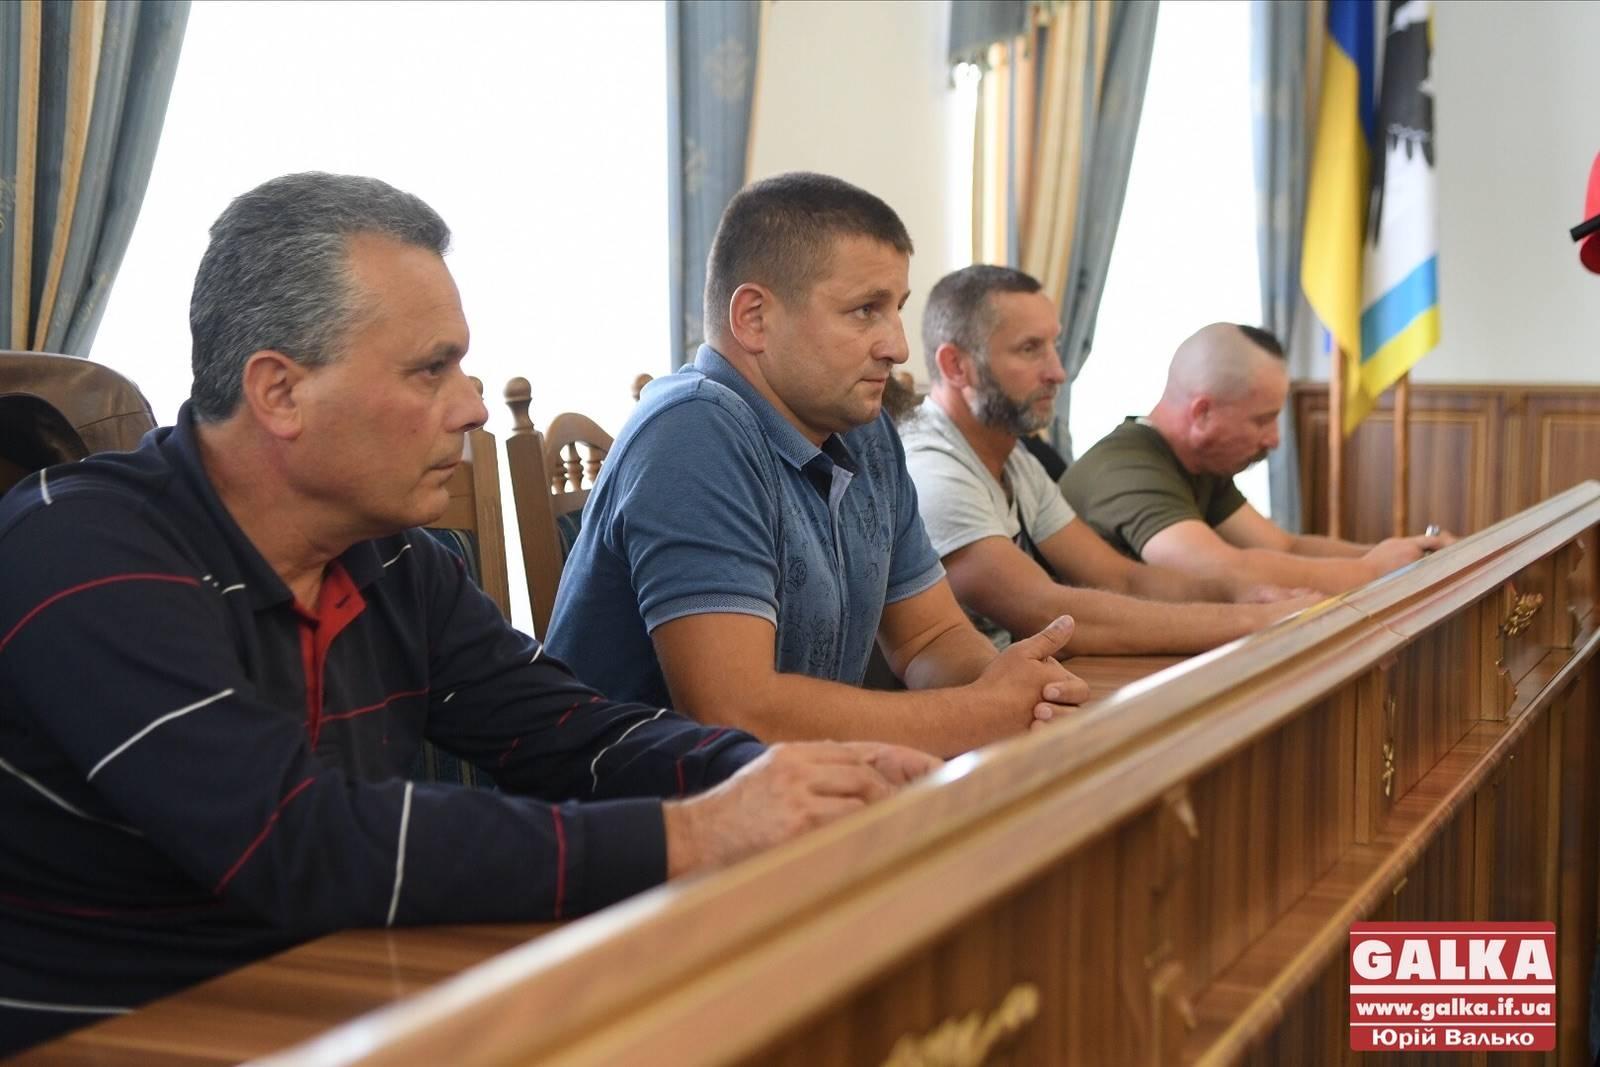 Учасники АТО Калущини не можуть використовувати земельну ділянку через утворення ОТГ (ФОТО)